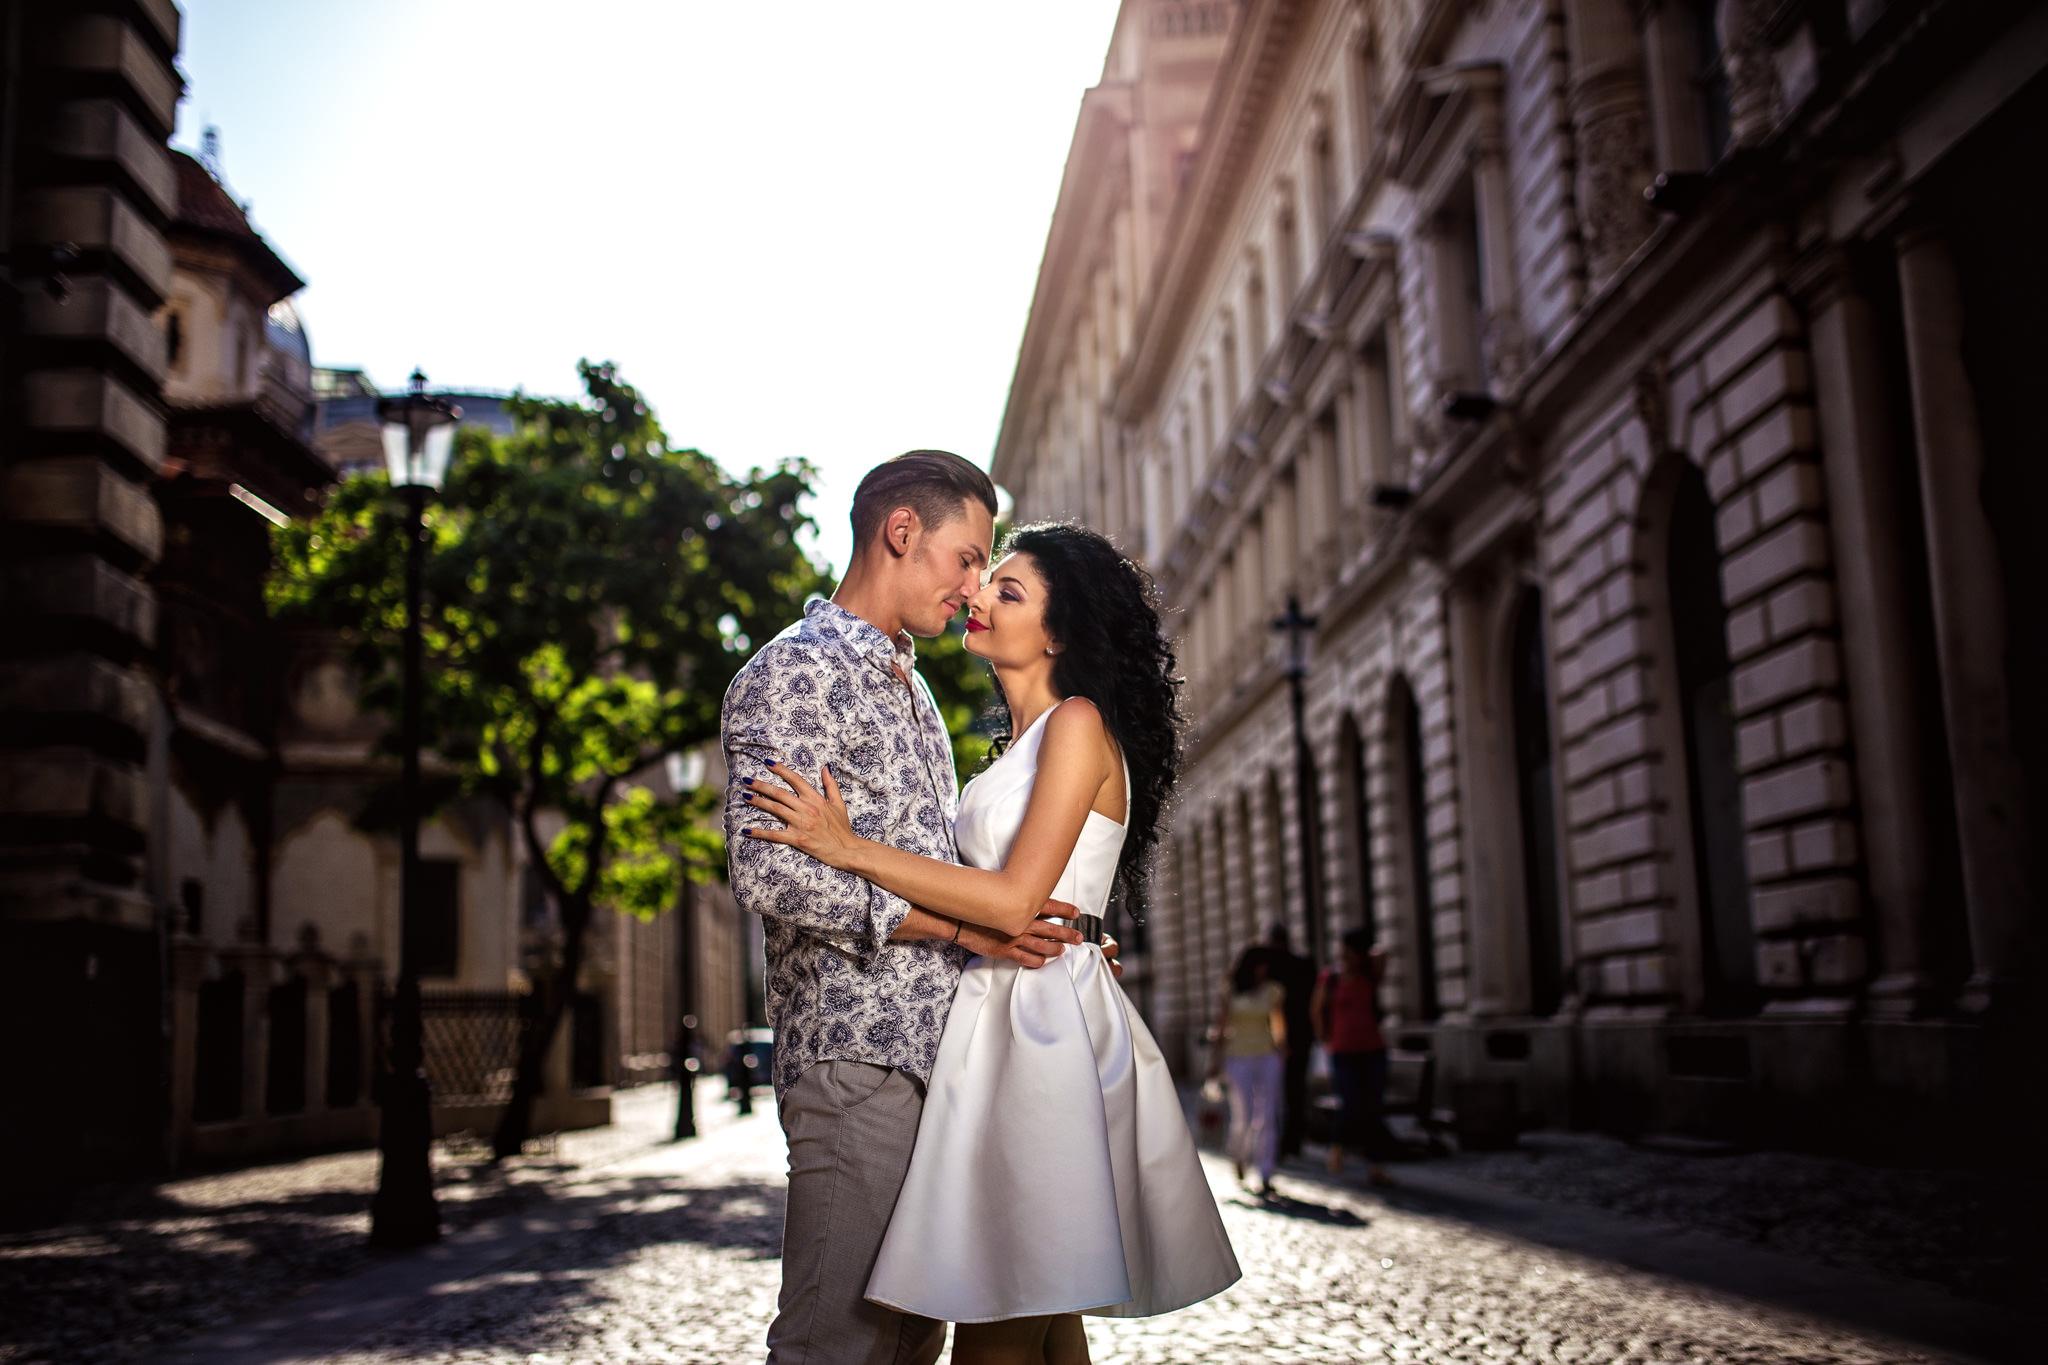 fotograf nunta bucuresti, inspirephoto, fotograf profesionist, sesiune foto centrul vechi bucuresti